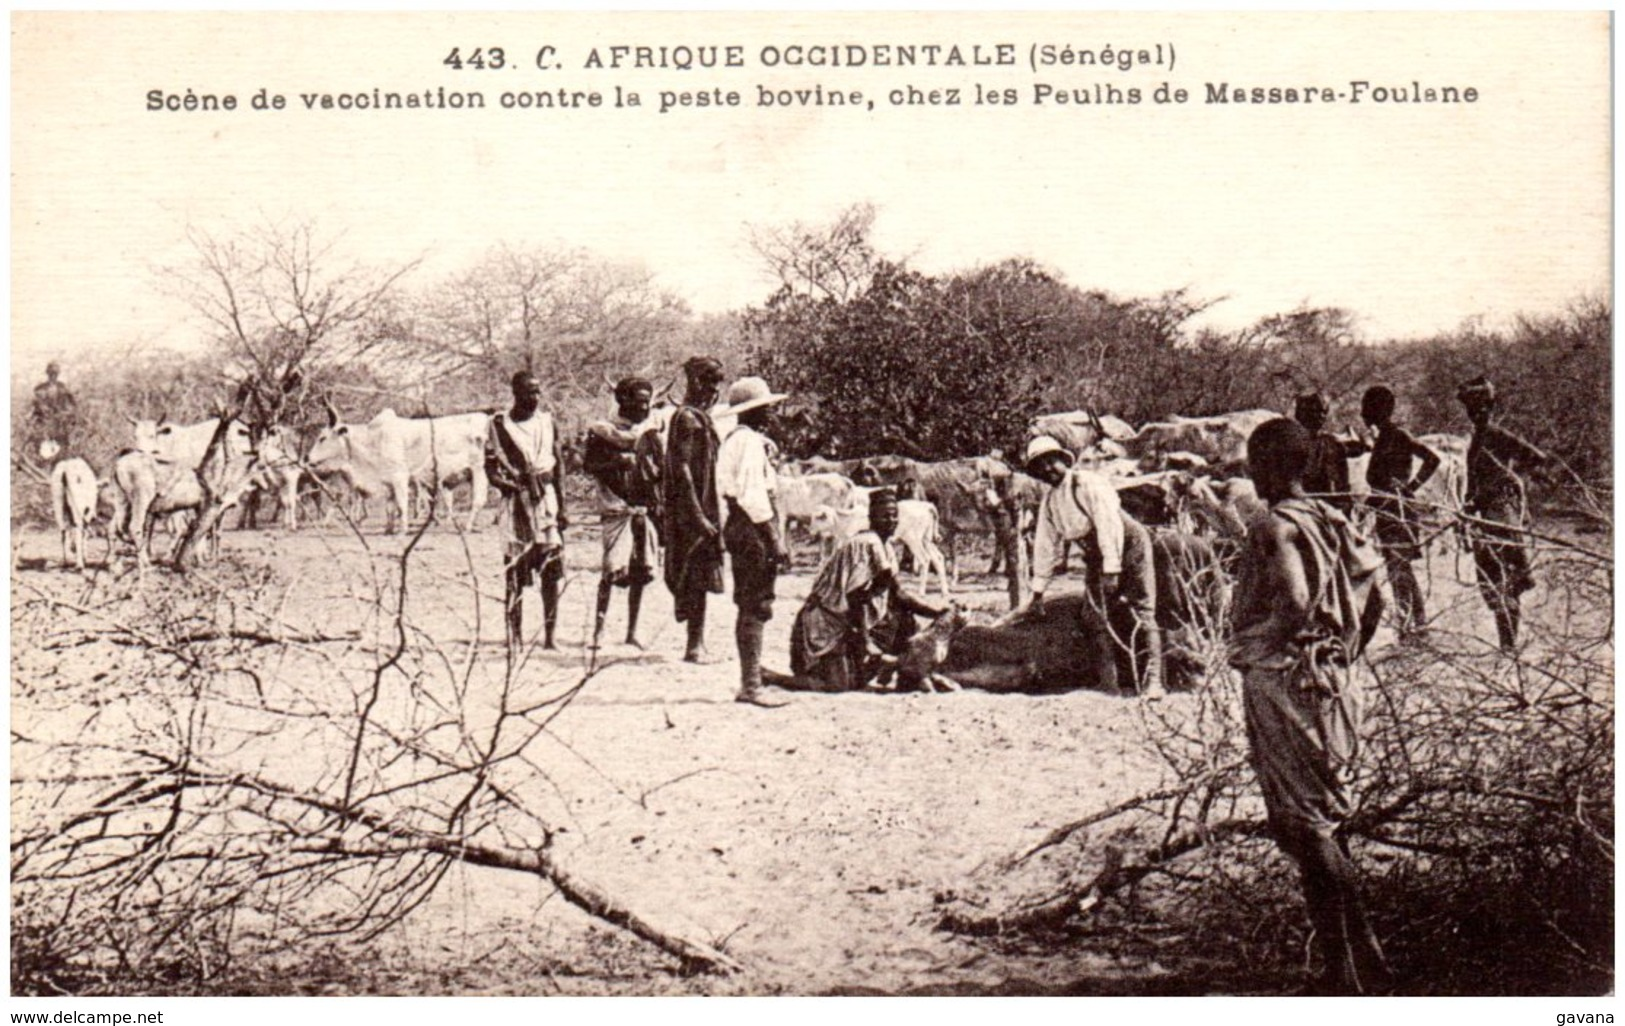 SENEGAL - Scène De Vaccination Contre La Peste Bovine, Chez Les Peulhs De Massare-Foulane - Senegal